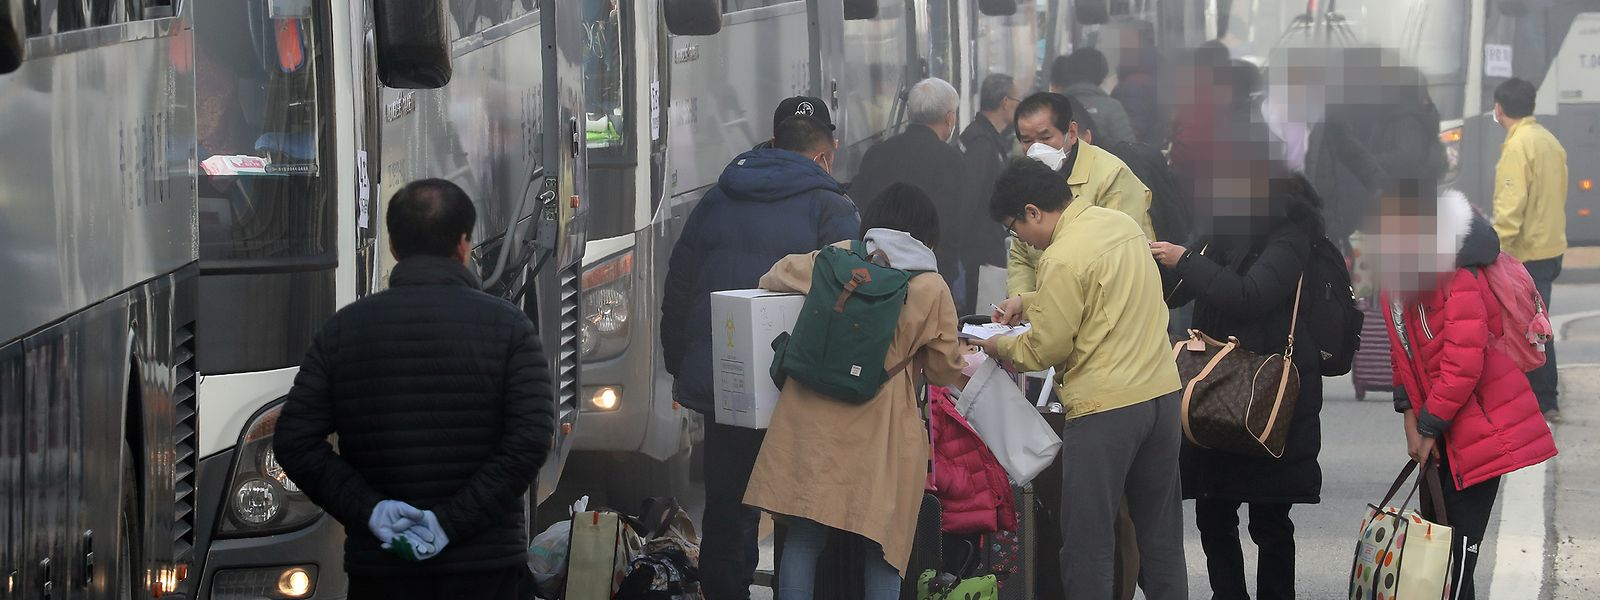 Aus der Quarantäne entlassene Evakuierte verlassen die Stadt Wuhan, die als Epizentrum des neuen Coronavirus gilt.